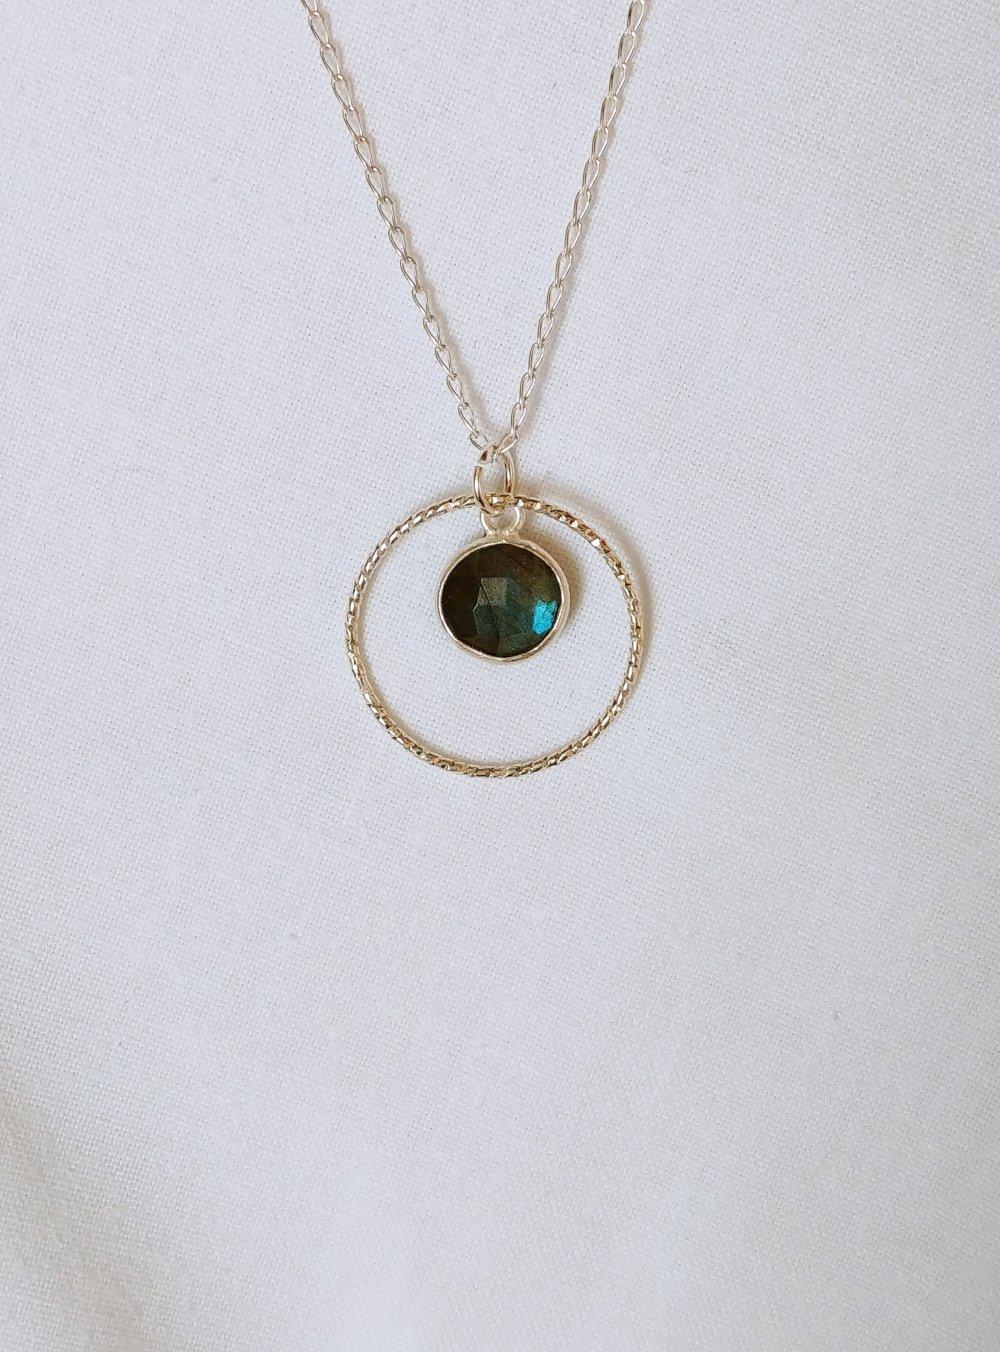 Pendentif labradorite, collier Labradorite argent, pendentif anneau, argent 925, collier pierre, bijou femme, idée cadeau femme